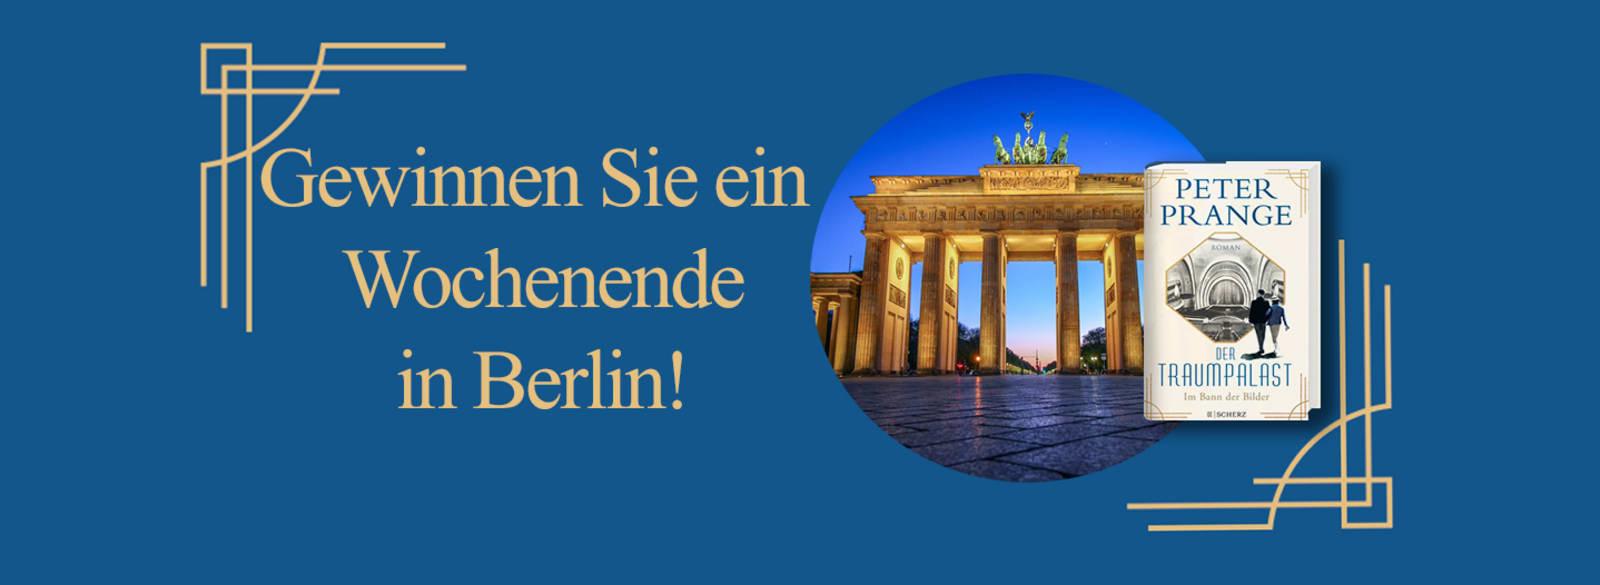 Gewinnen Sie ein Wochenende in Berlin!